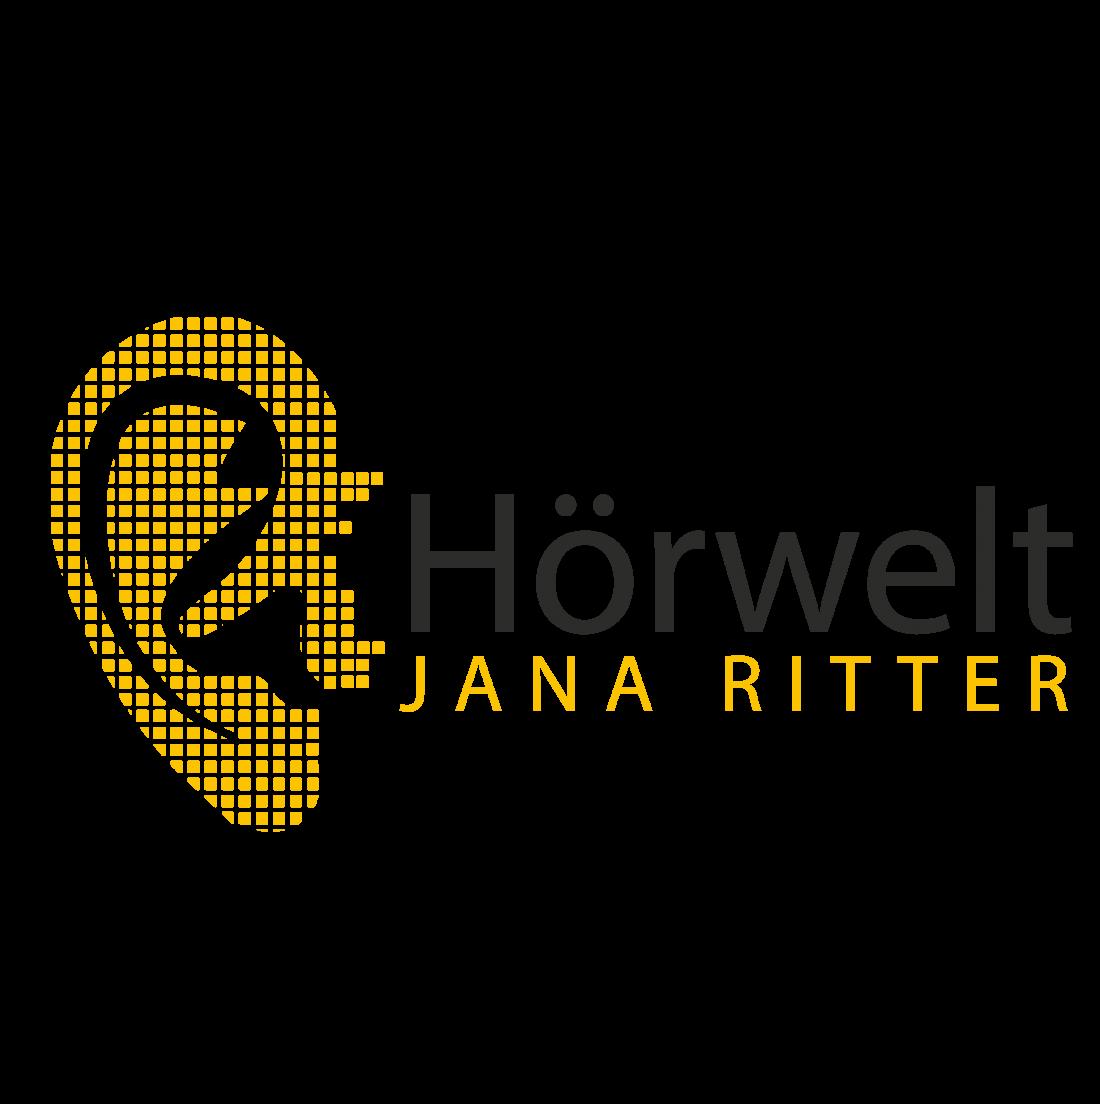 Hörwelt